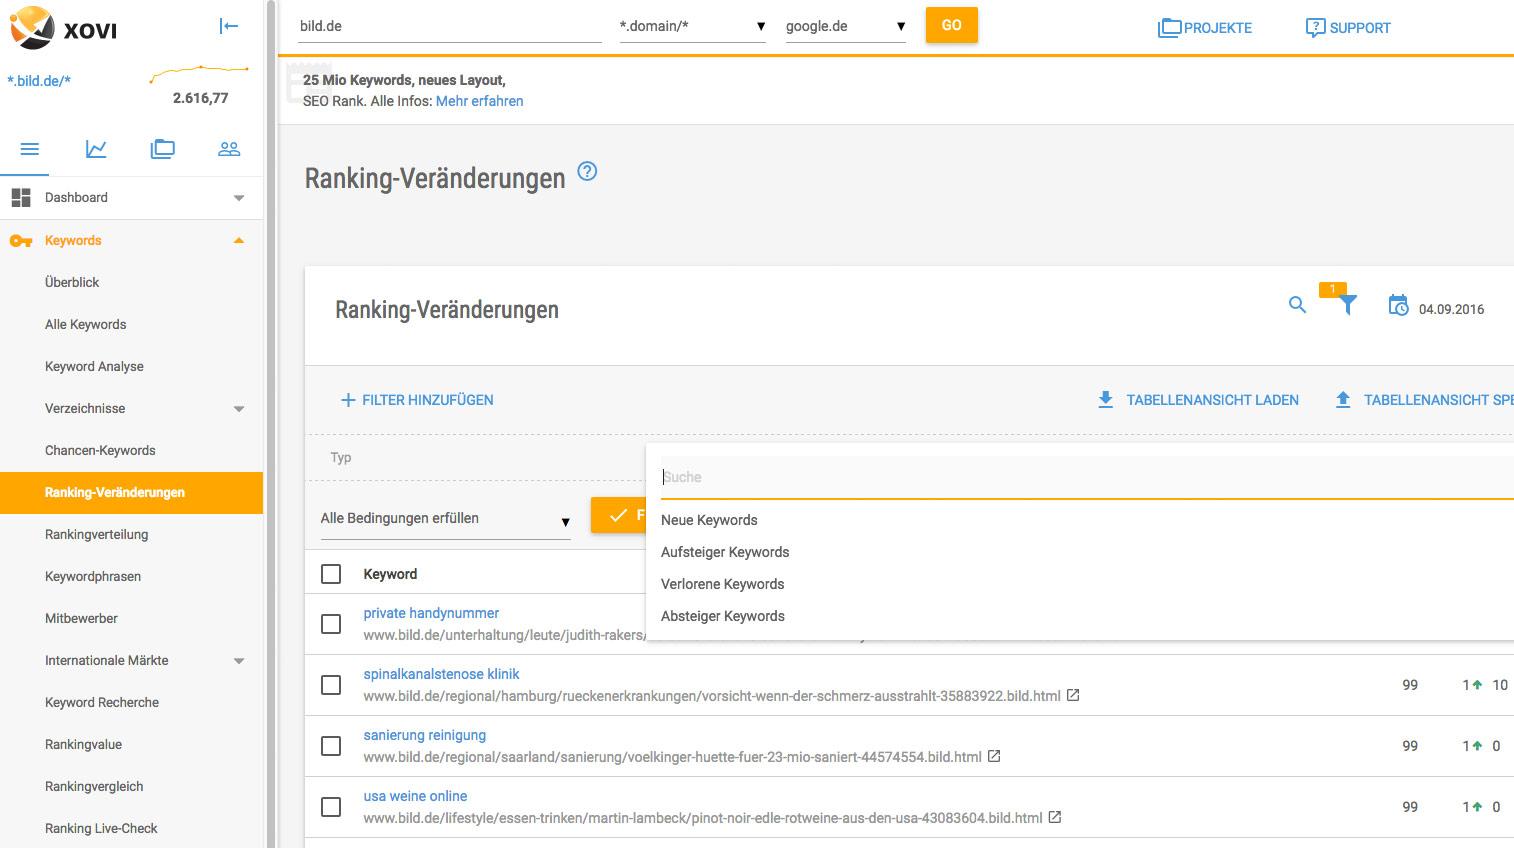 ranking-veraenderung